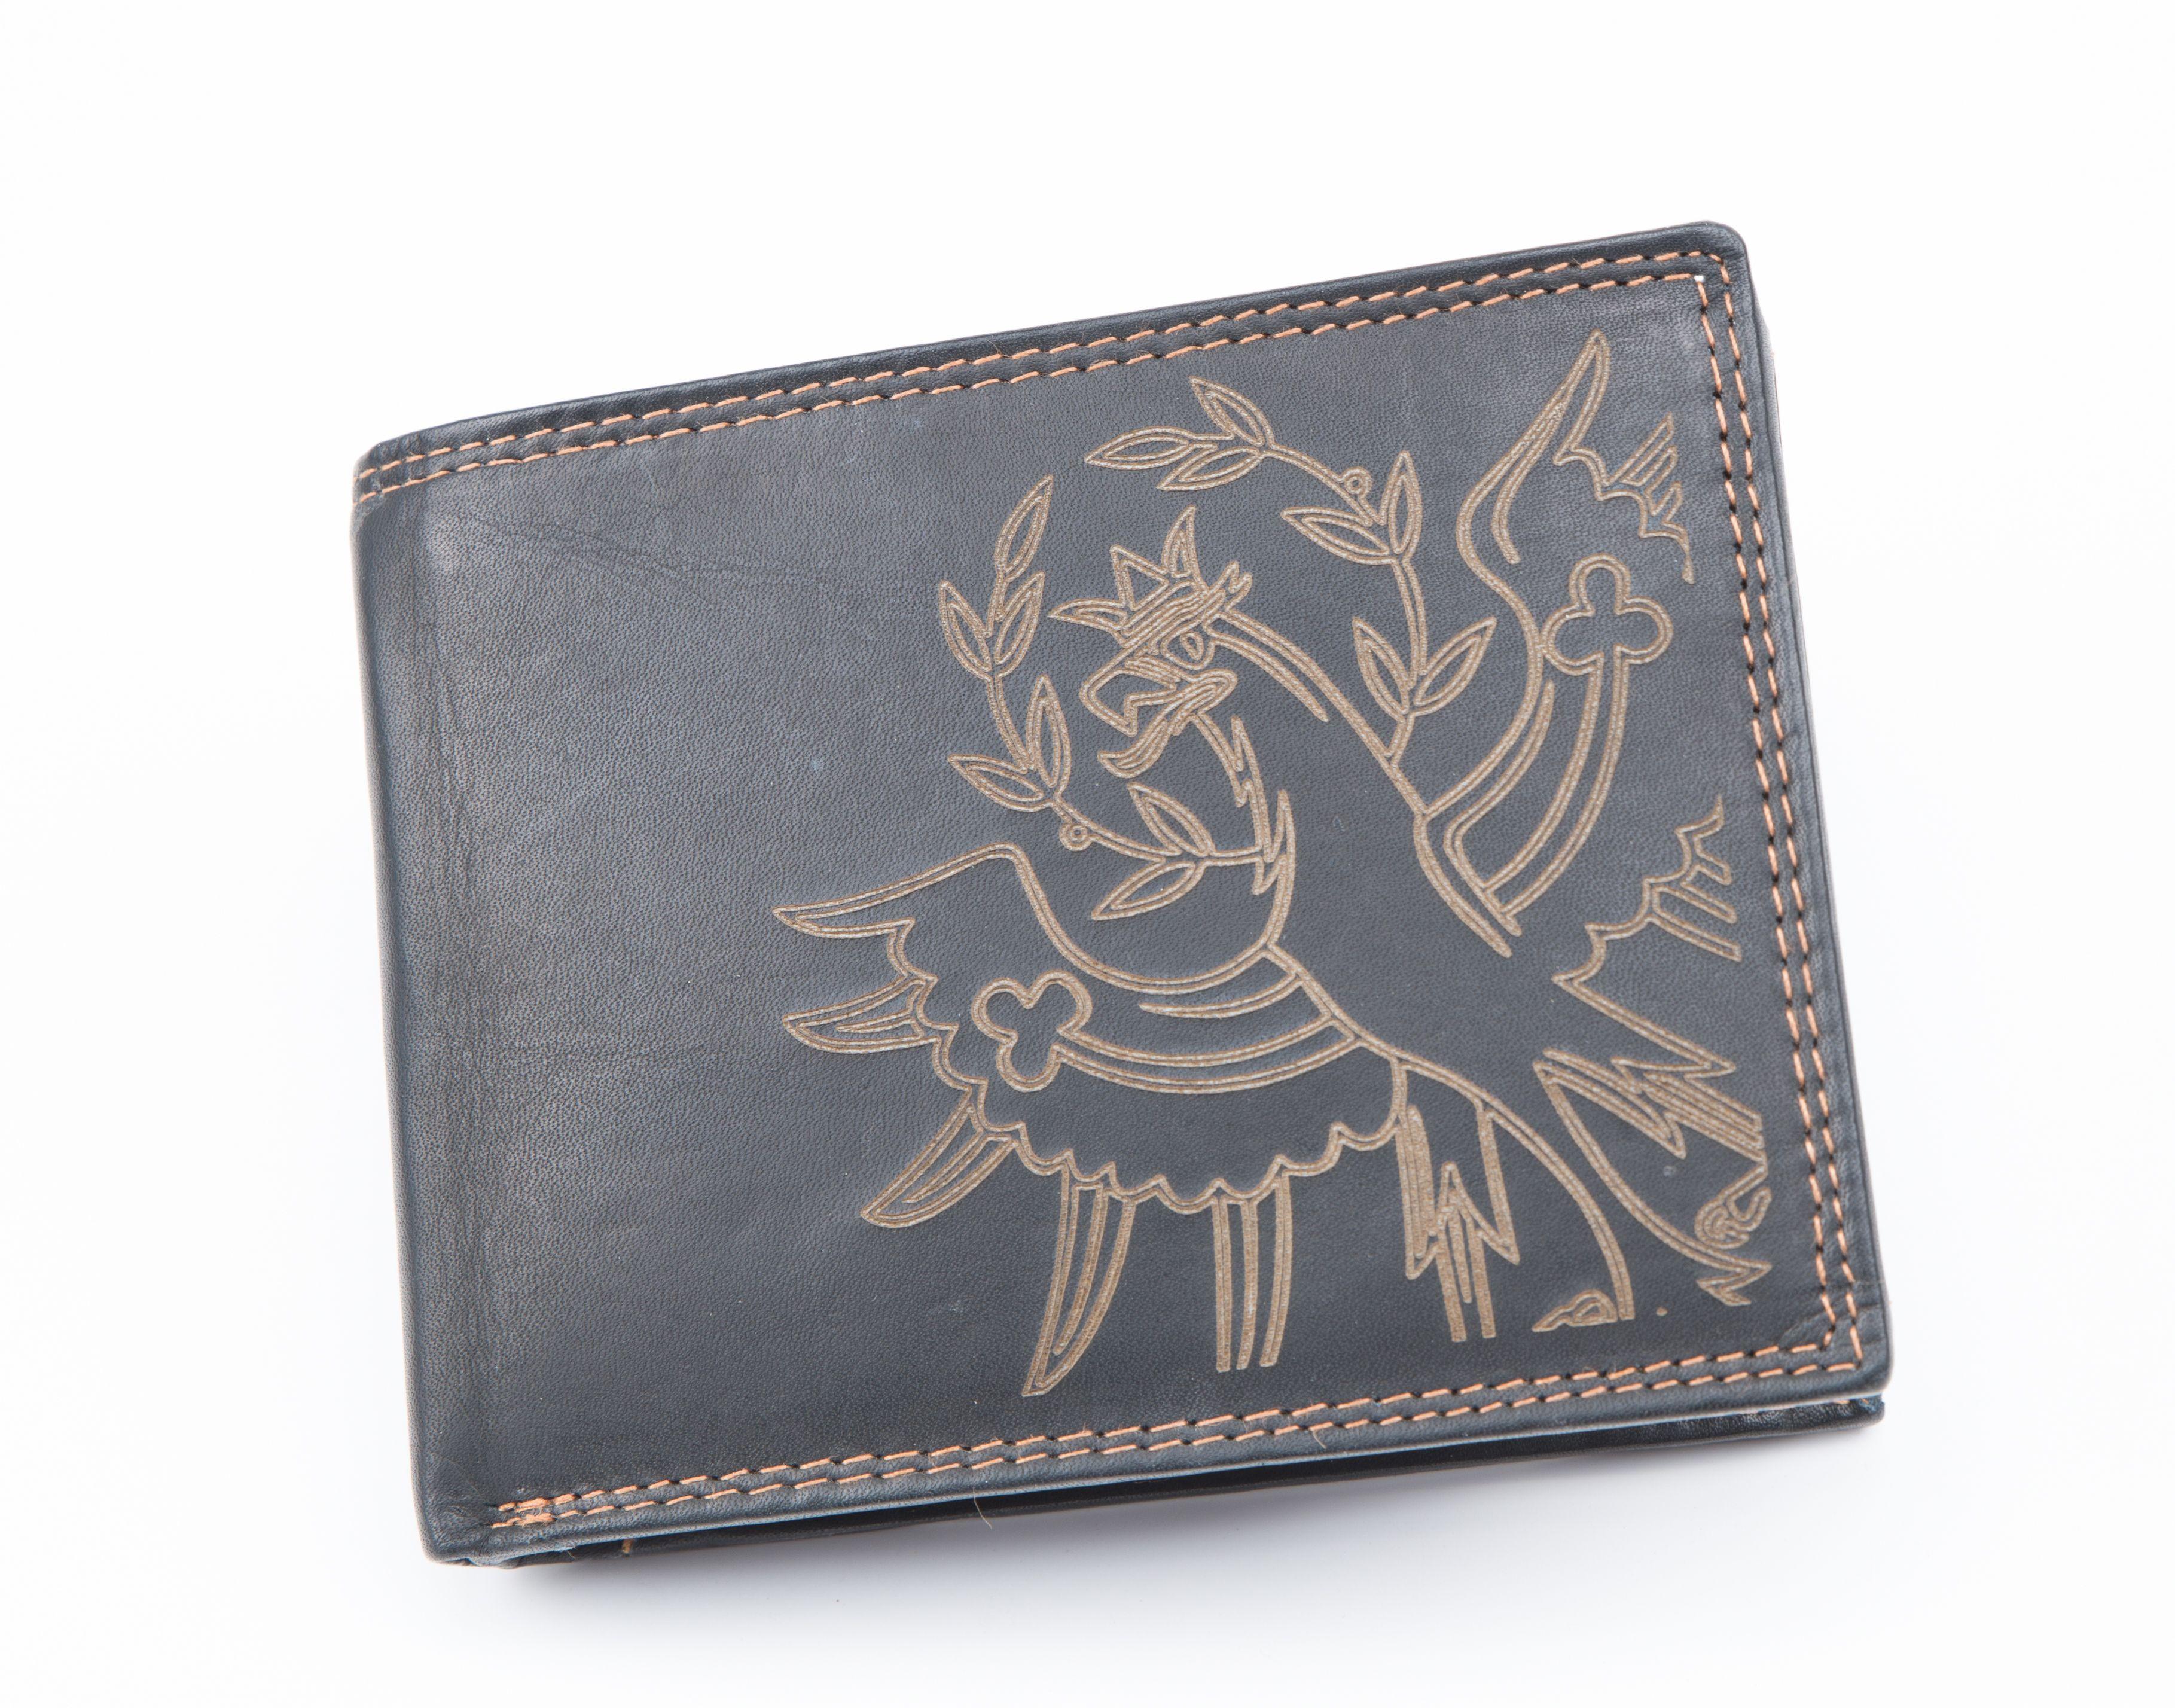 Geldbörse mit Adler  Laserbeschriftung erhältlich unter www.td-erler.at